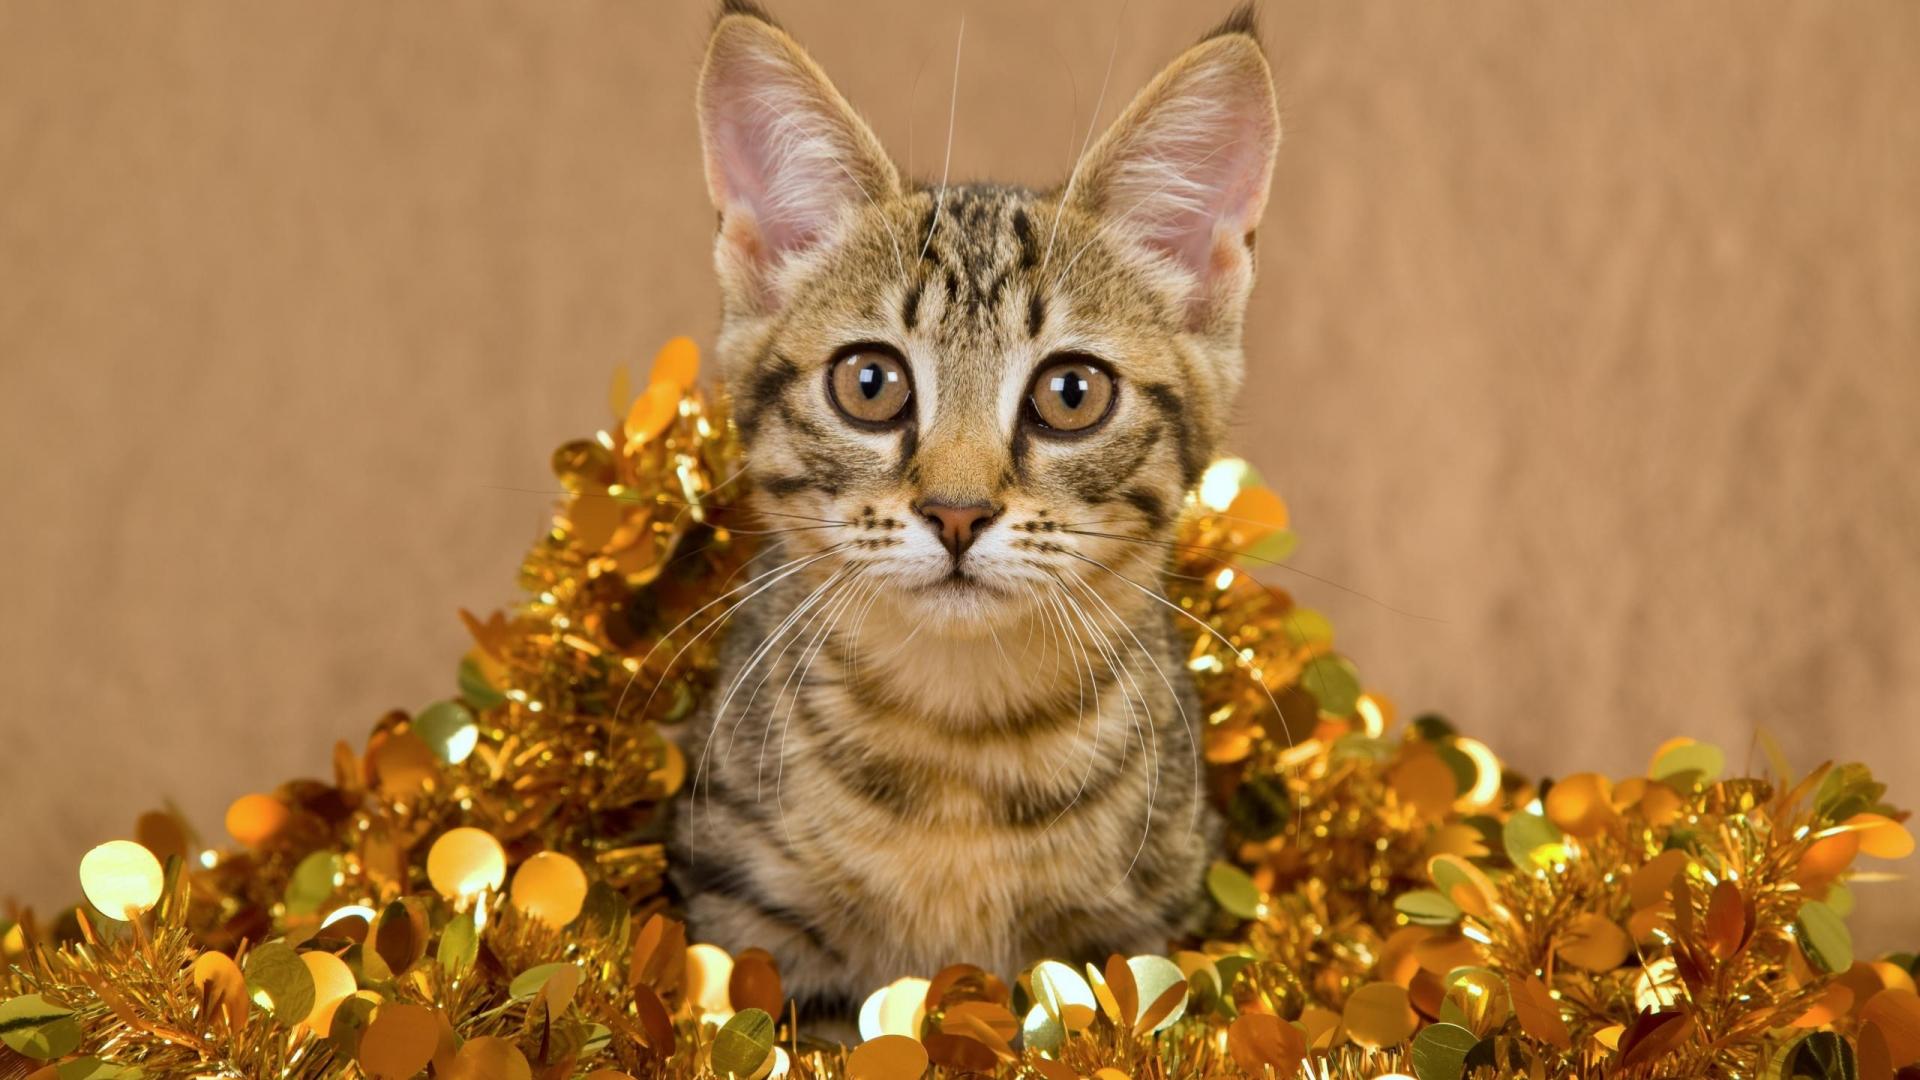 Un gato muy bonito - 1920x1080